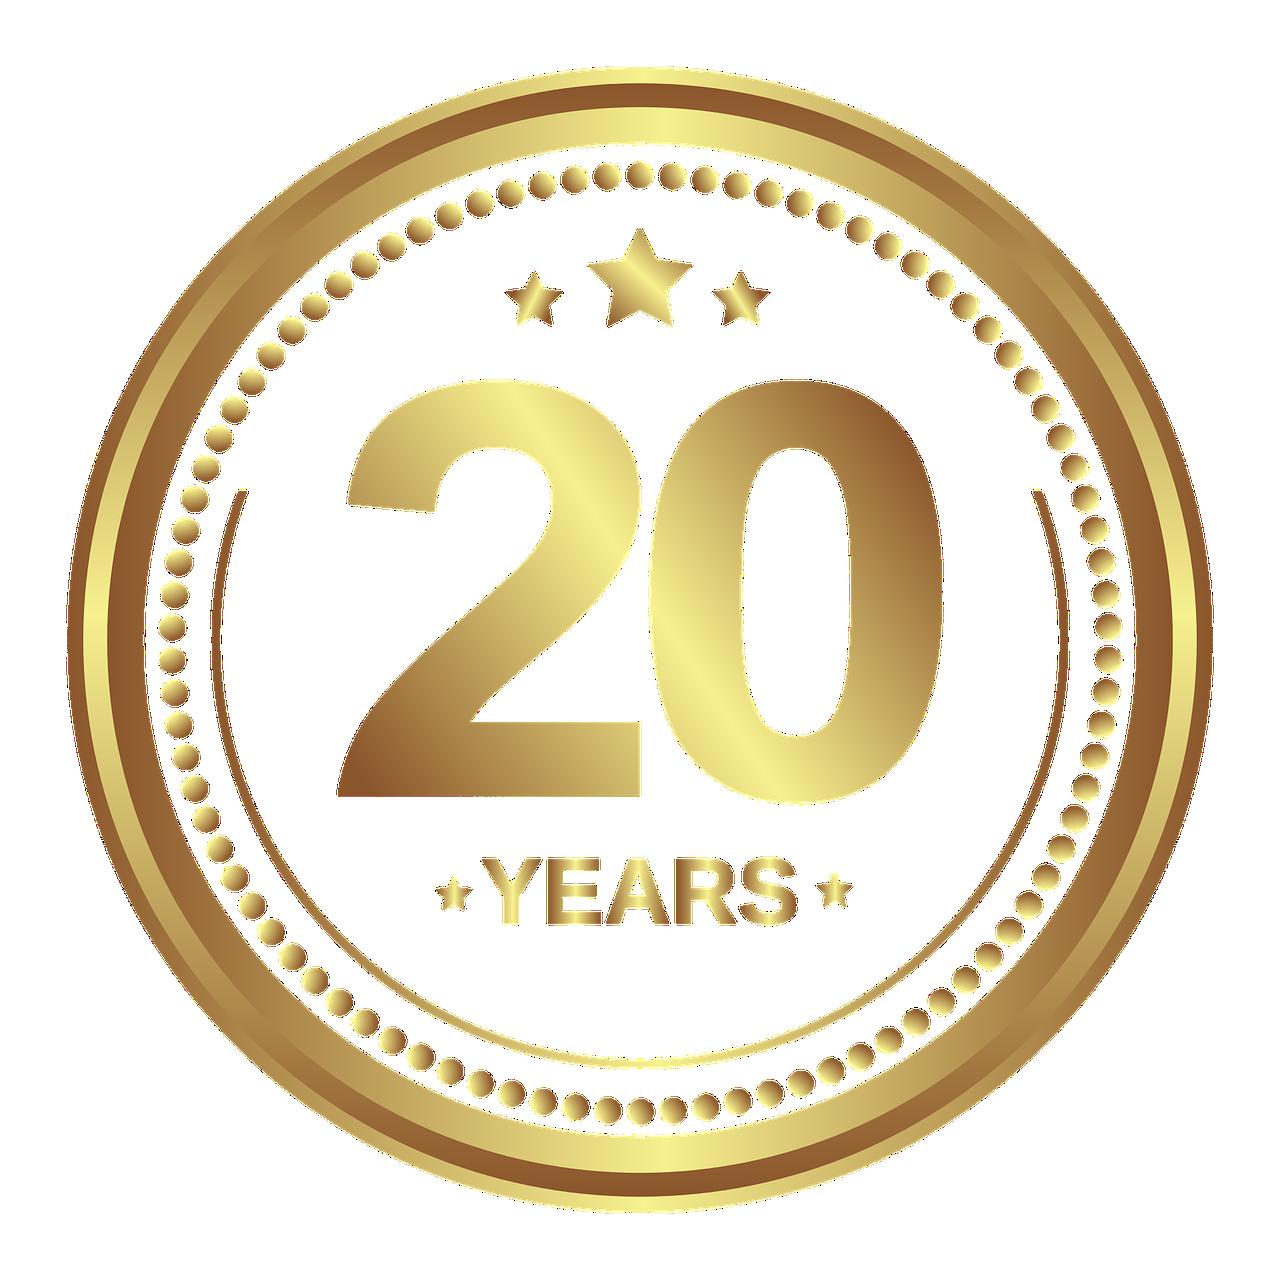 Medaille Jubiläum 20 Jahre   Kostenlose Vektorgrafik auf Pixabay